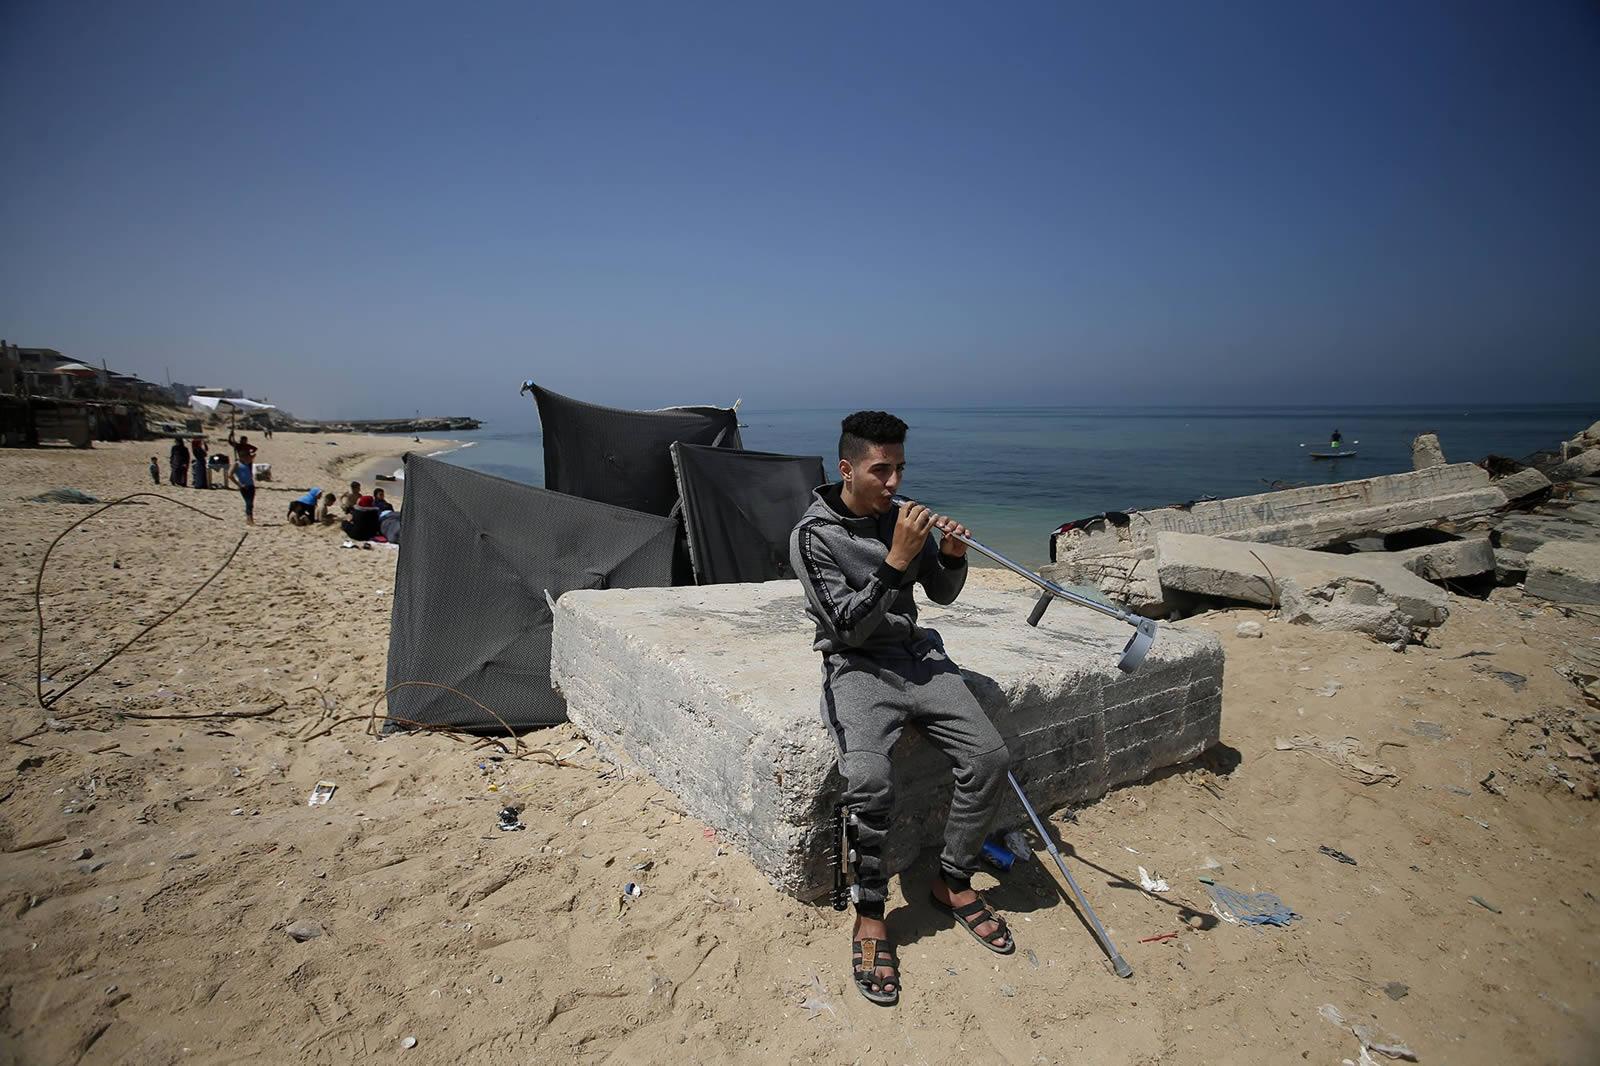 伊亞德在海邊吹著他用拐杖改造的笛子。©Mohammed ABED